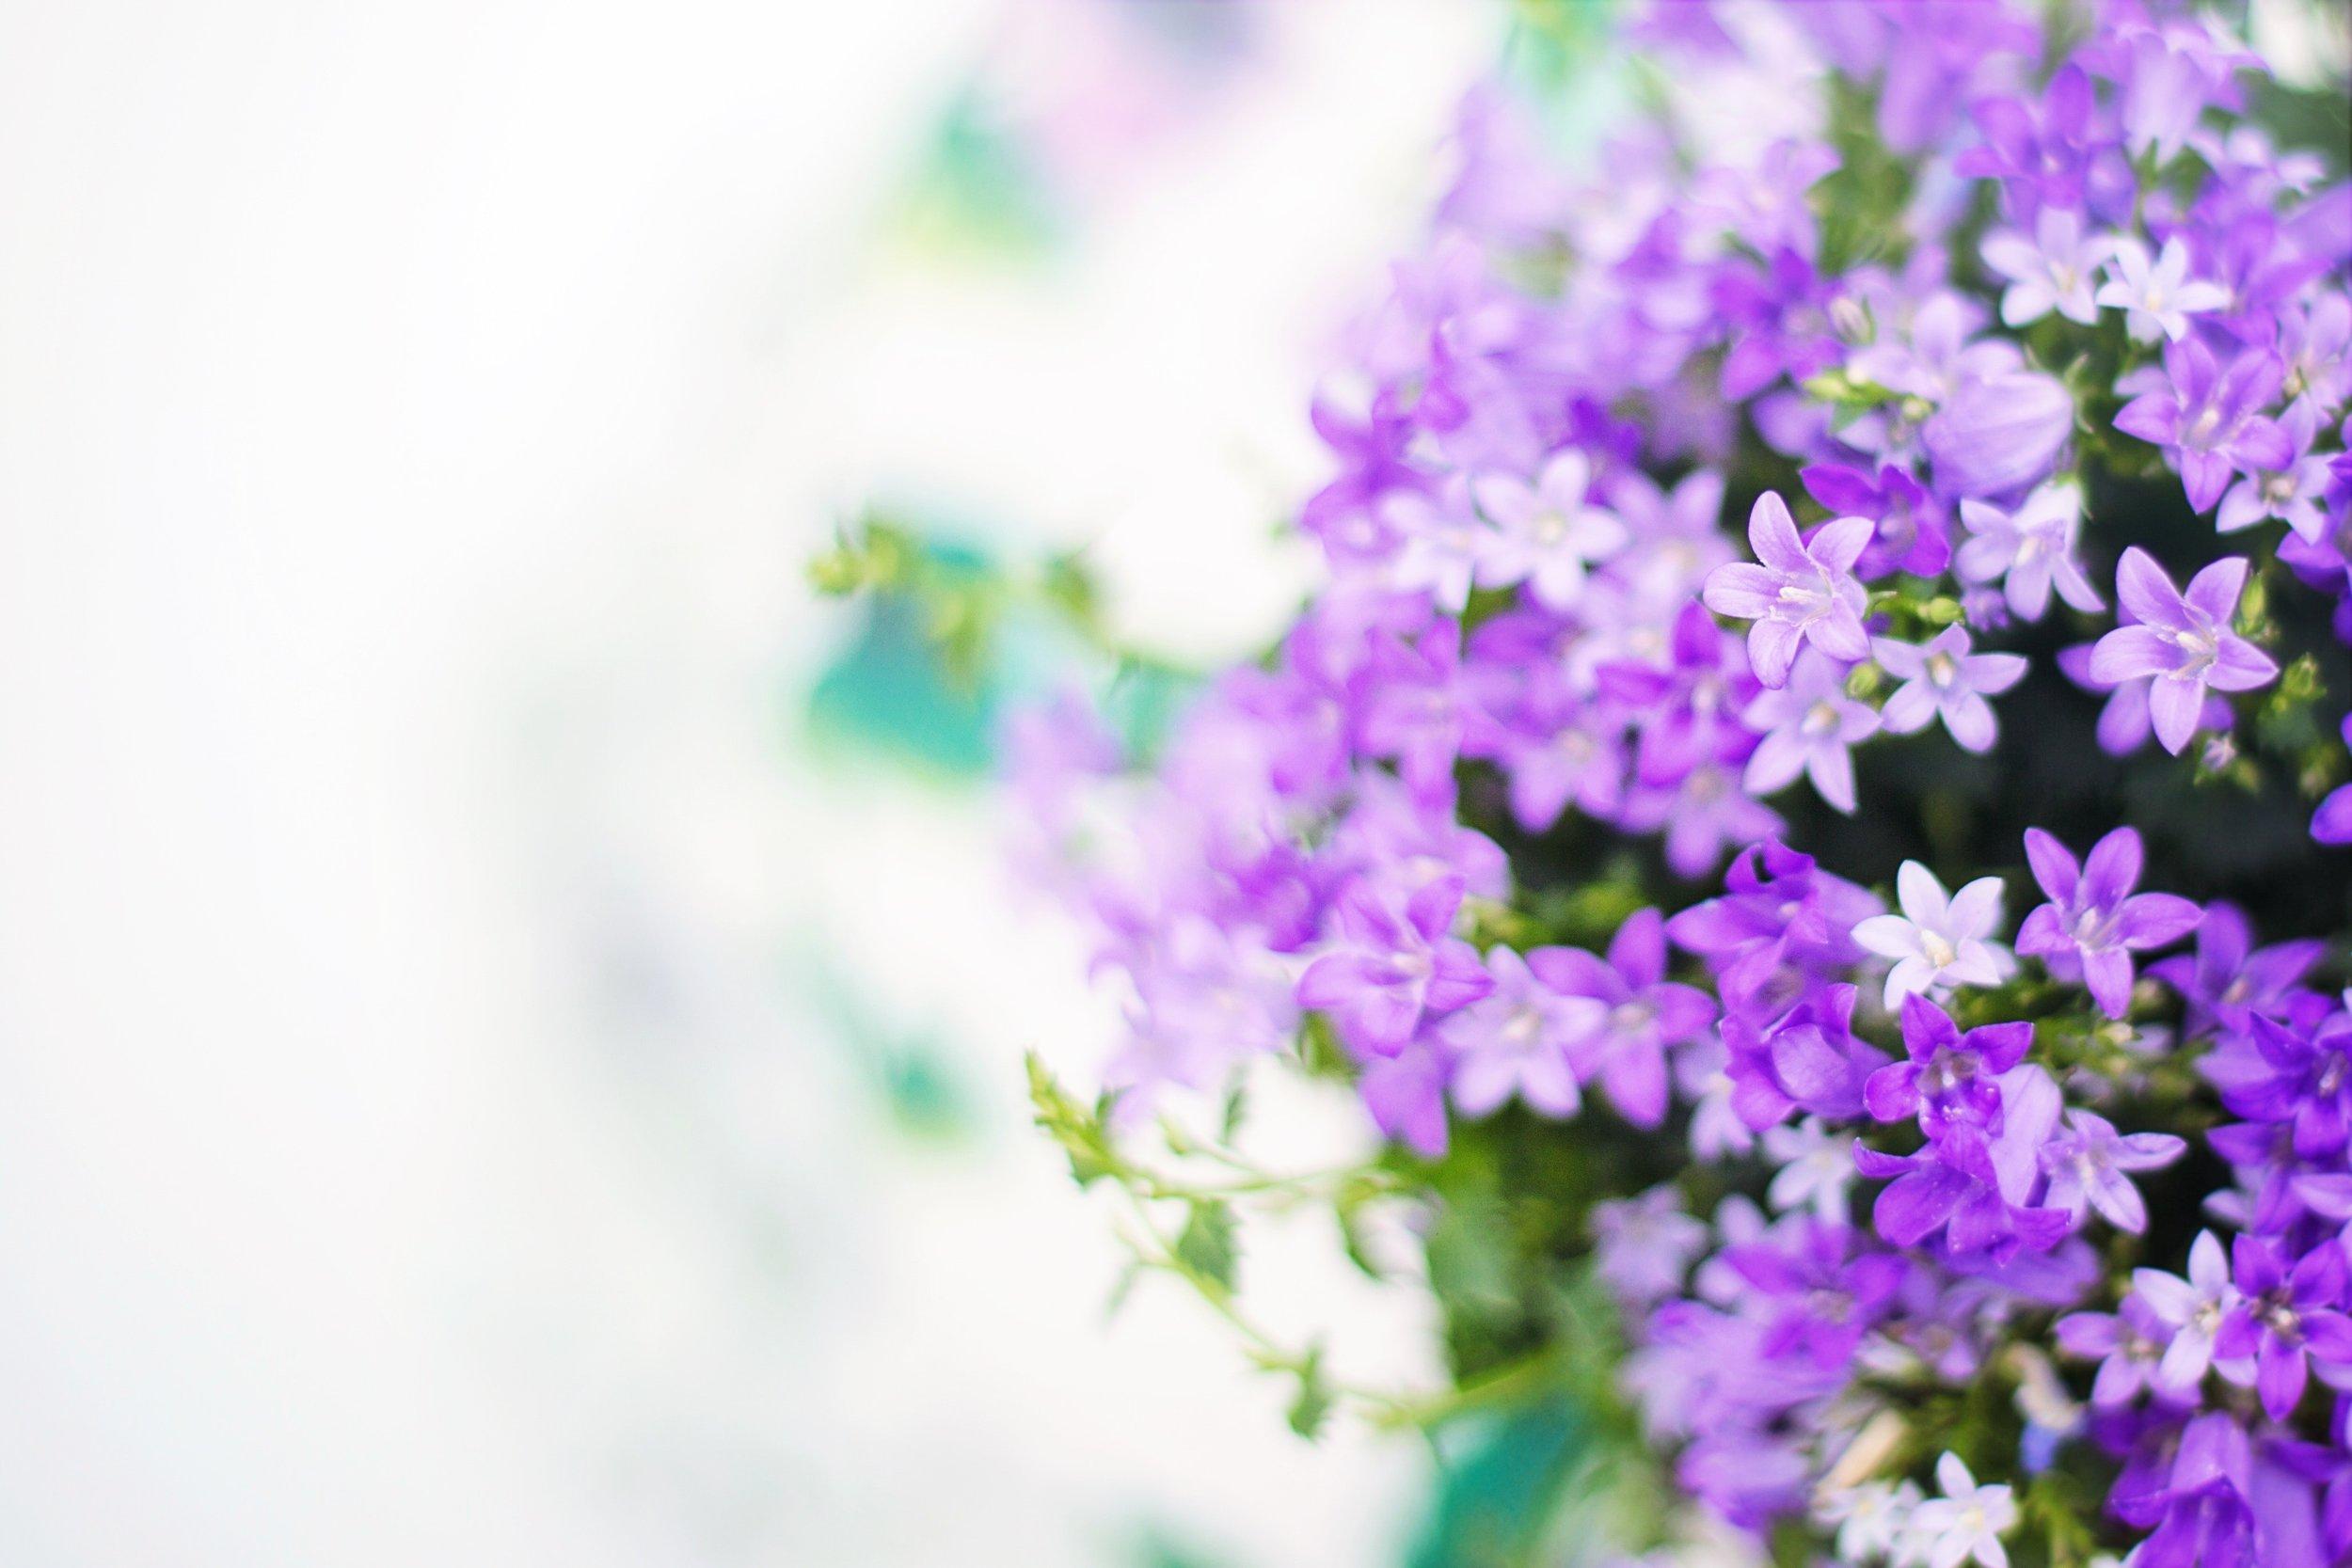 bloom-blooming-blossom-414661 flowers spring.jpg